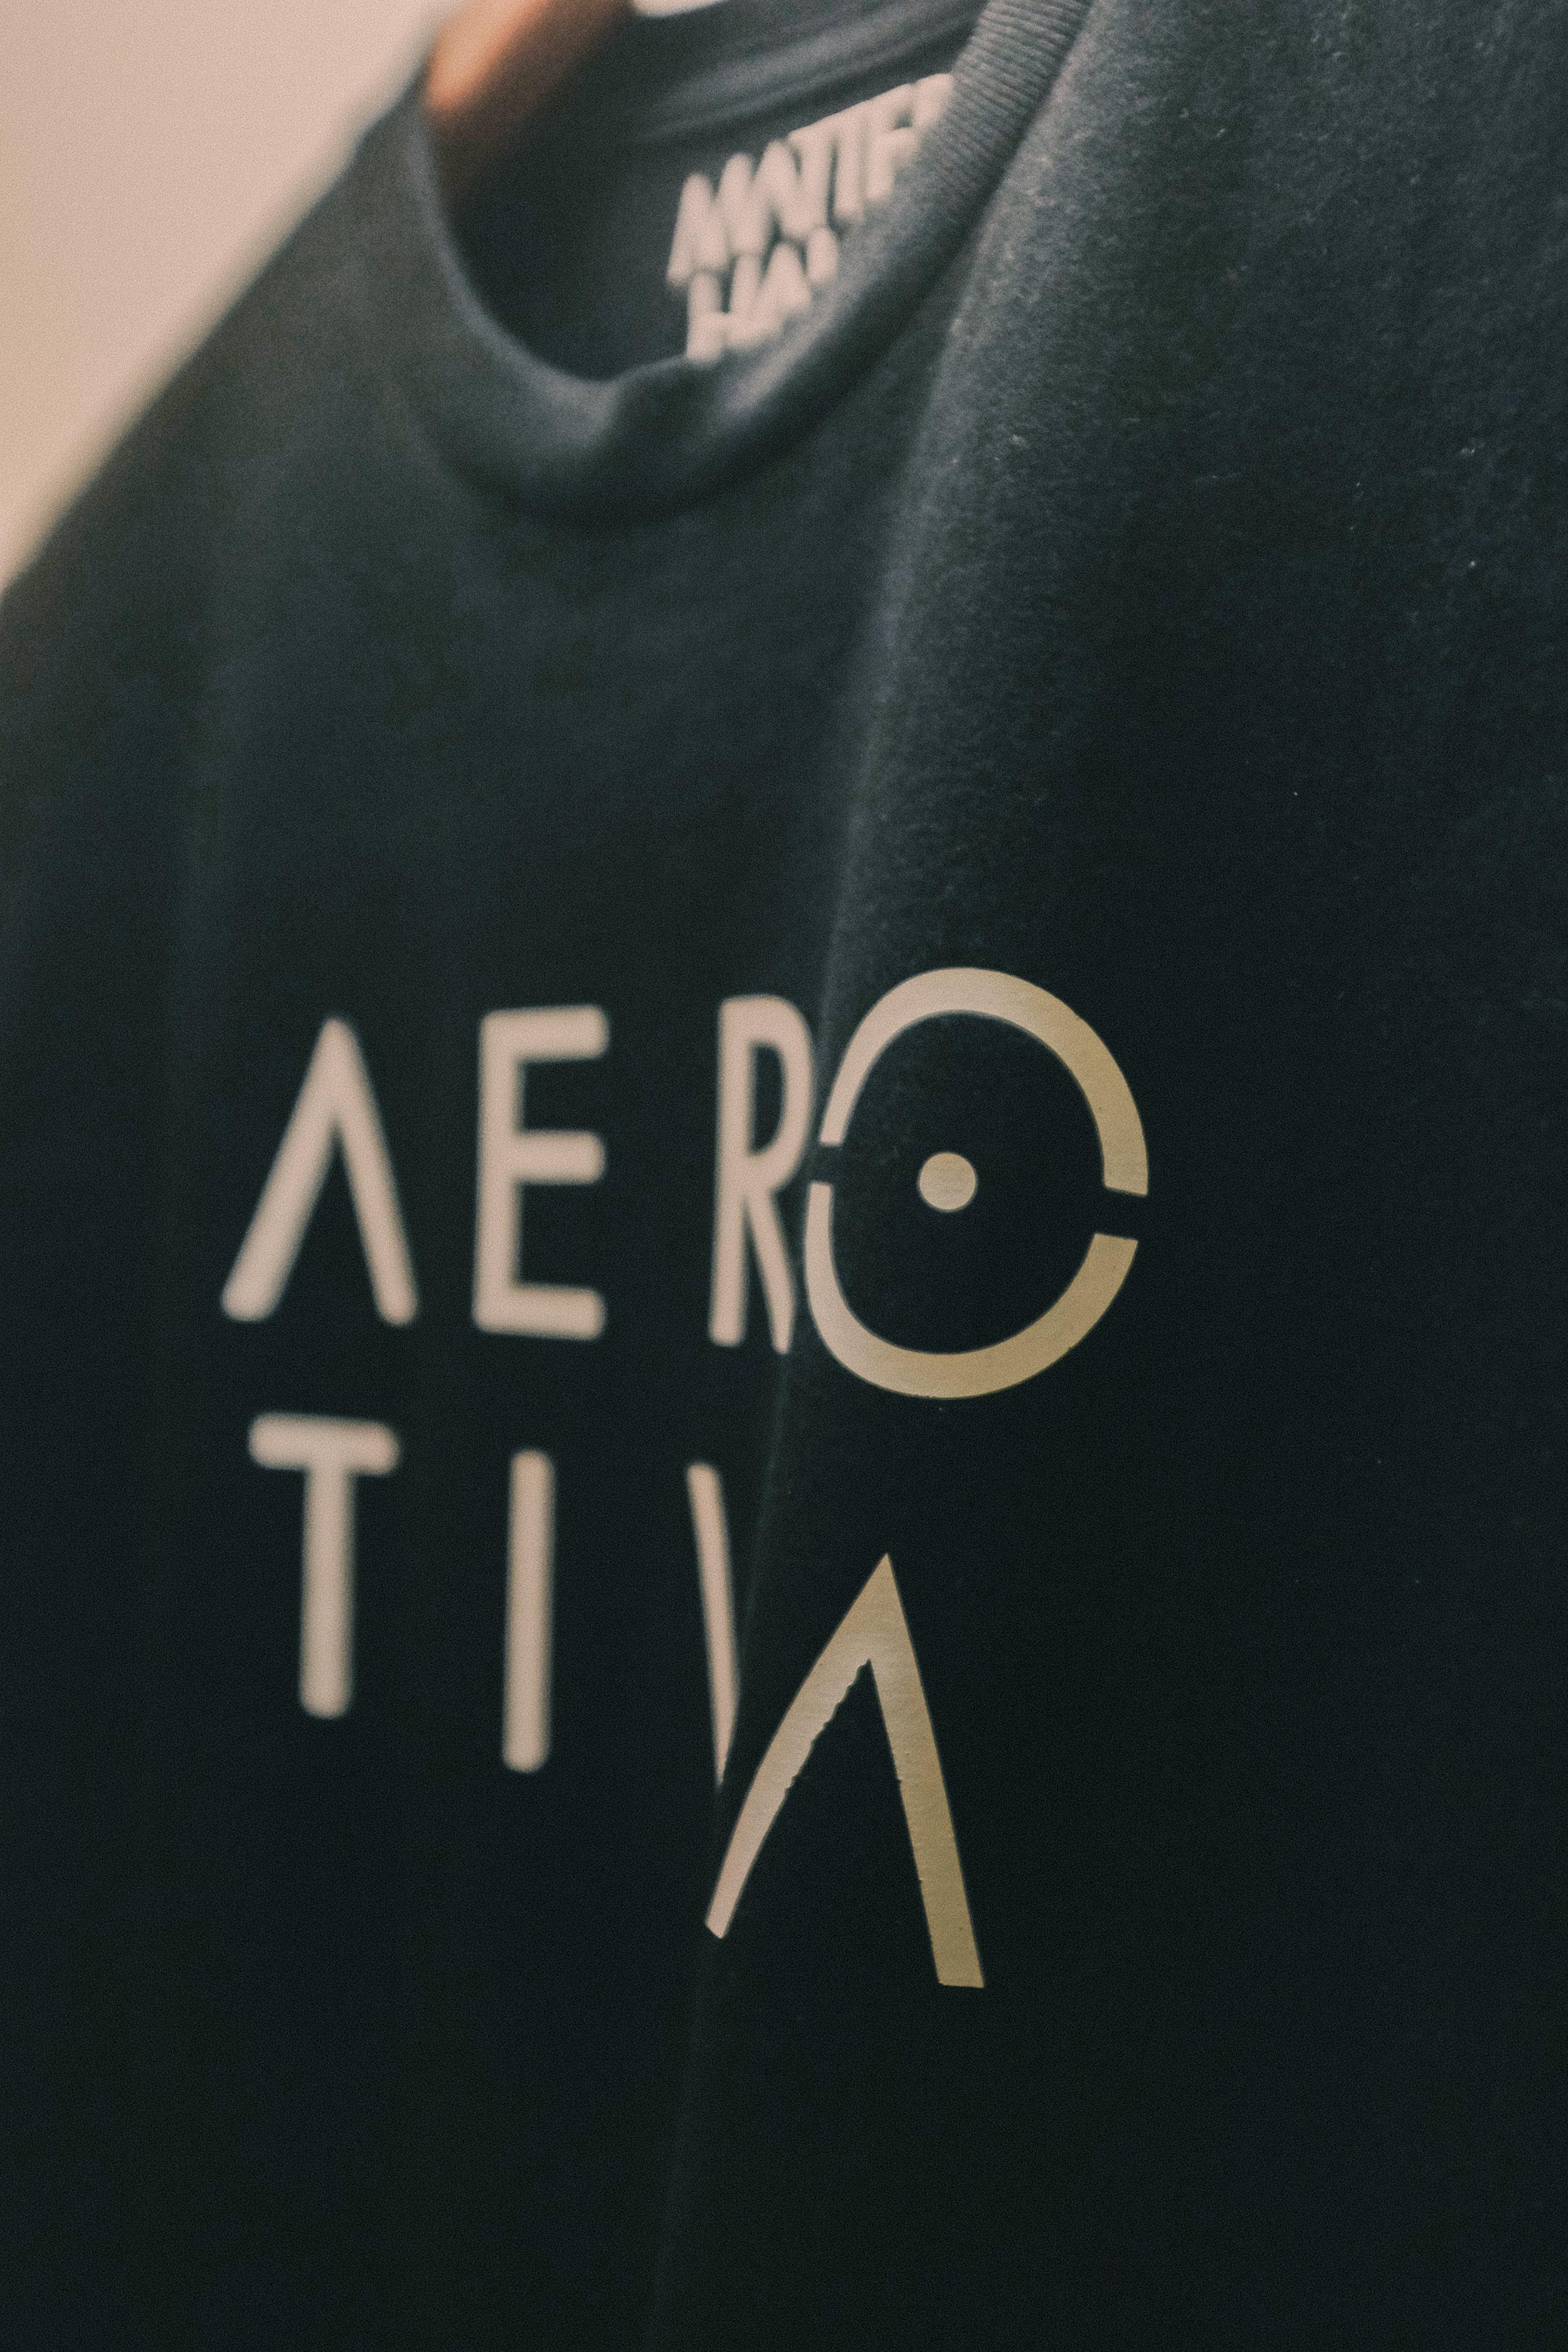 Aerotiva Film (2 of 2).jpg